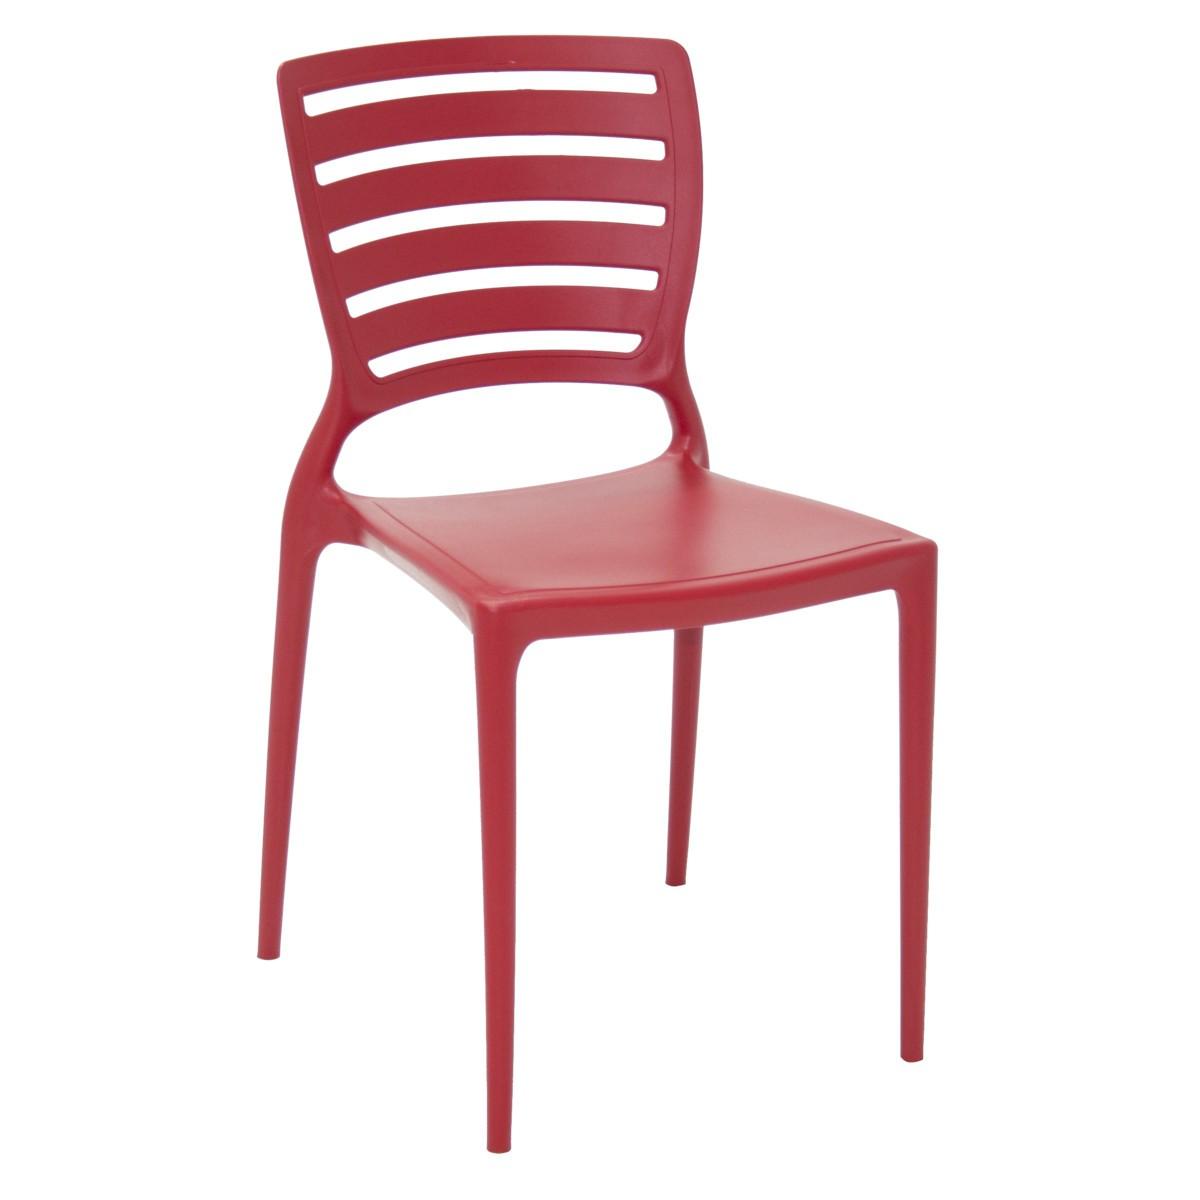 Cadeira Sofia Tramontina Encosto Horizontal em Polipropileno e Fibra de Vidro 7040 VM